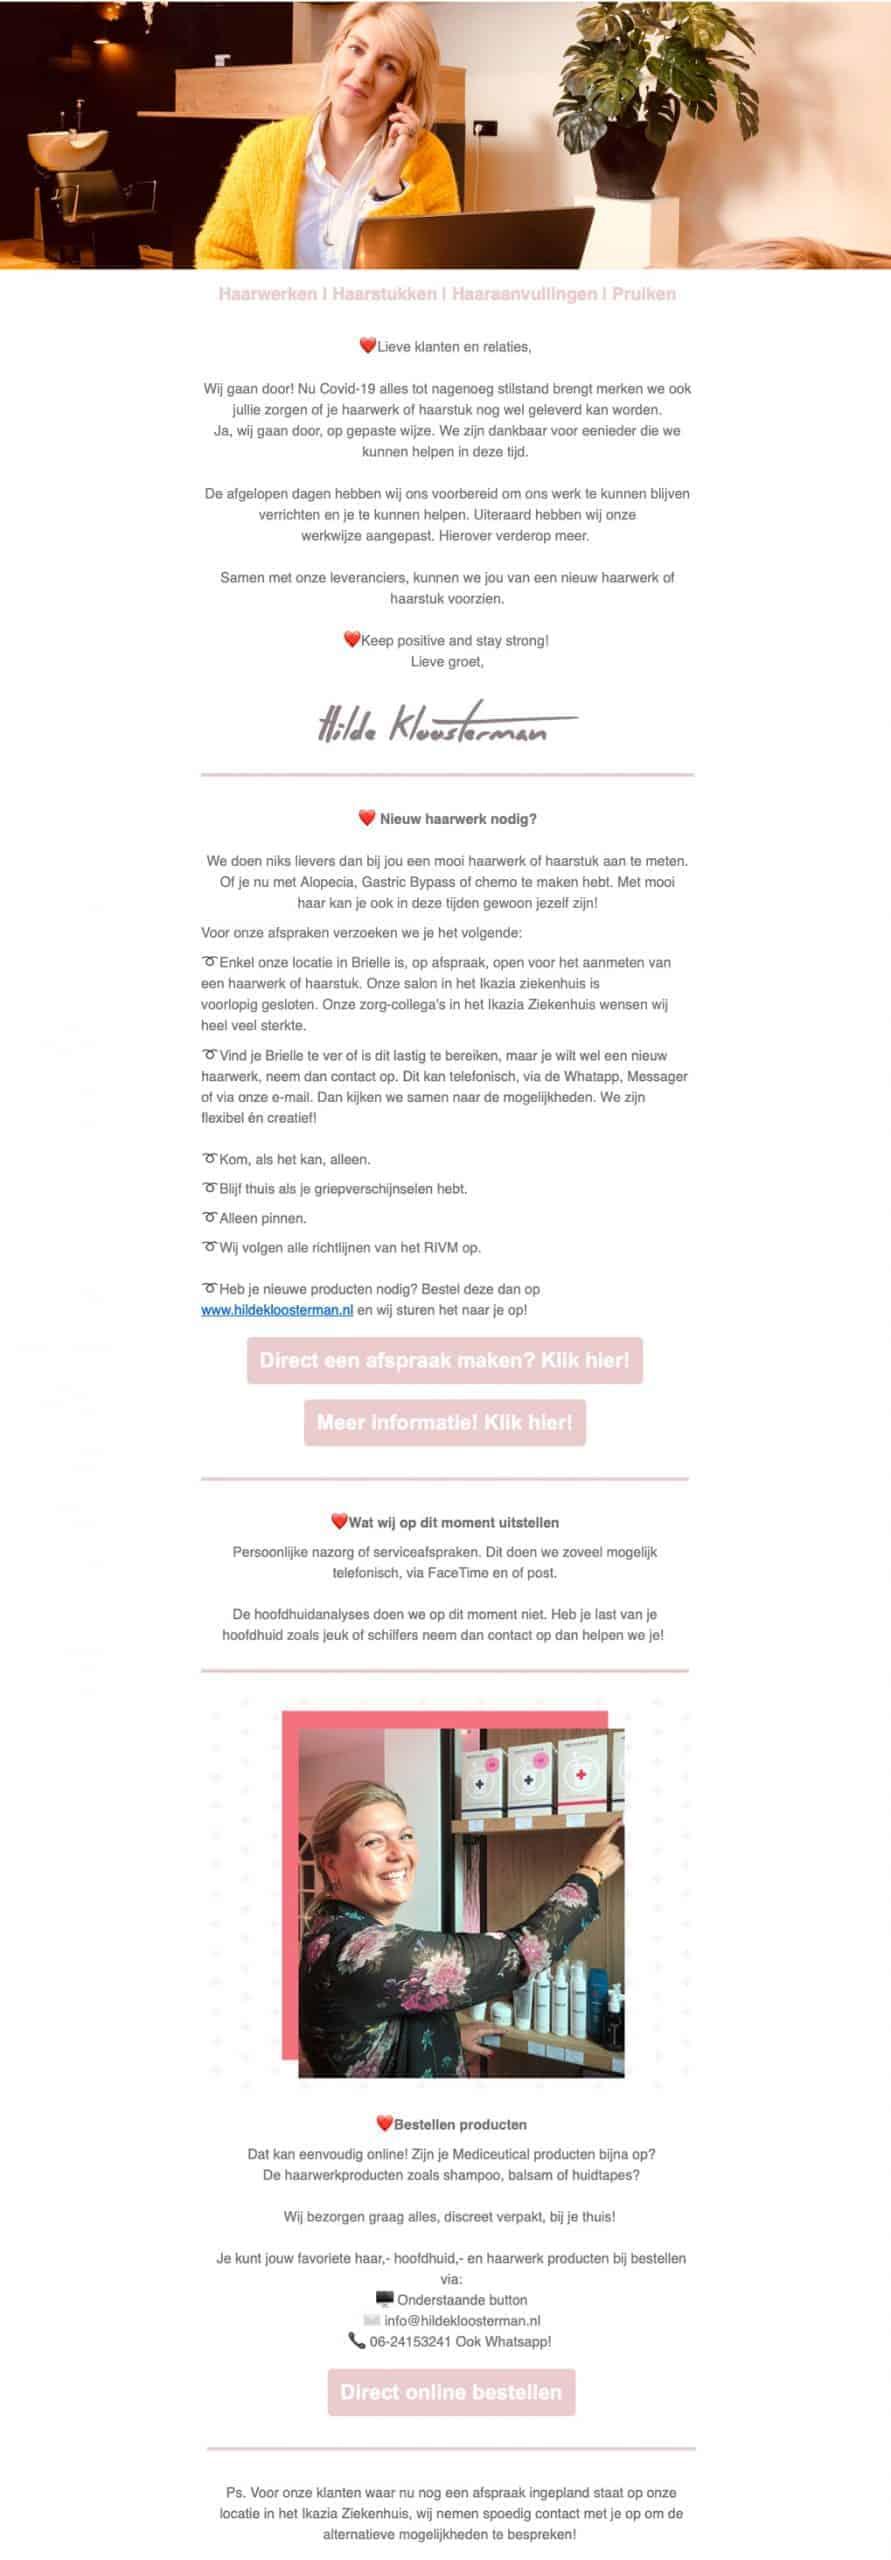 hilde-kloosterman-haarwerken-nieuwsbrief-maart-2020